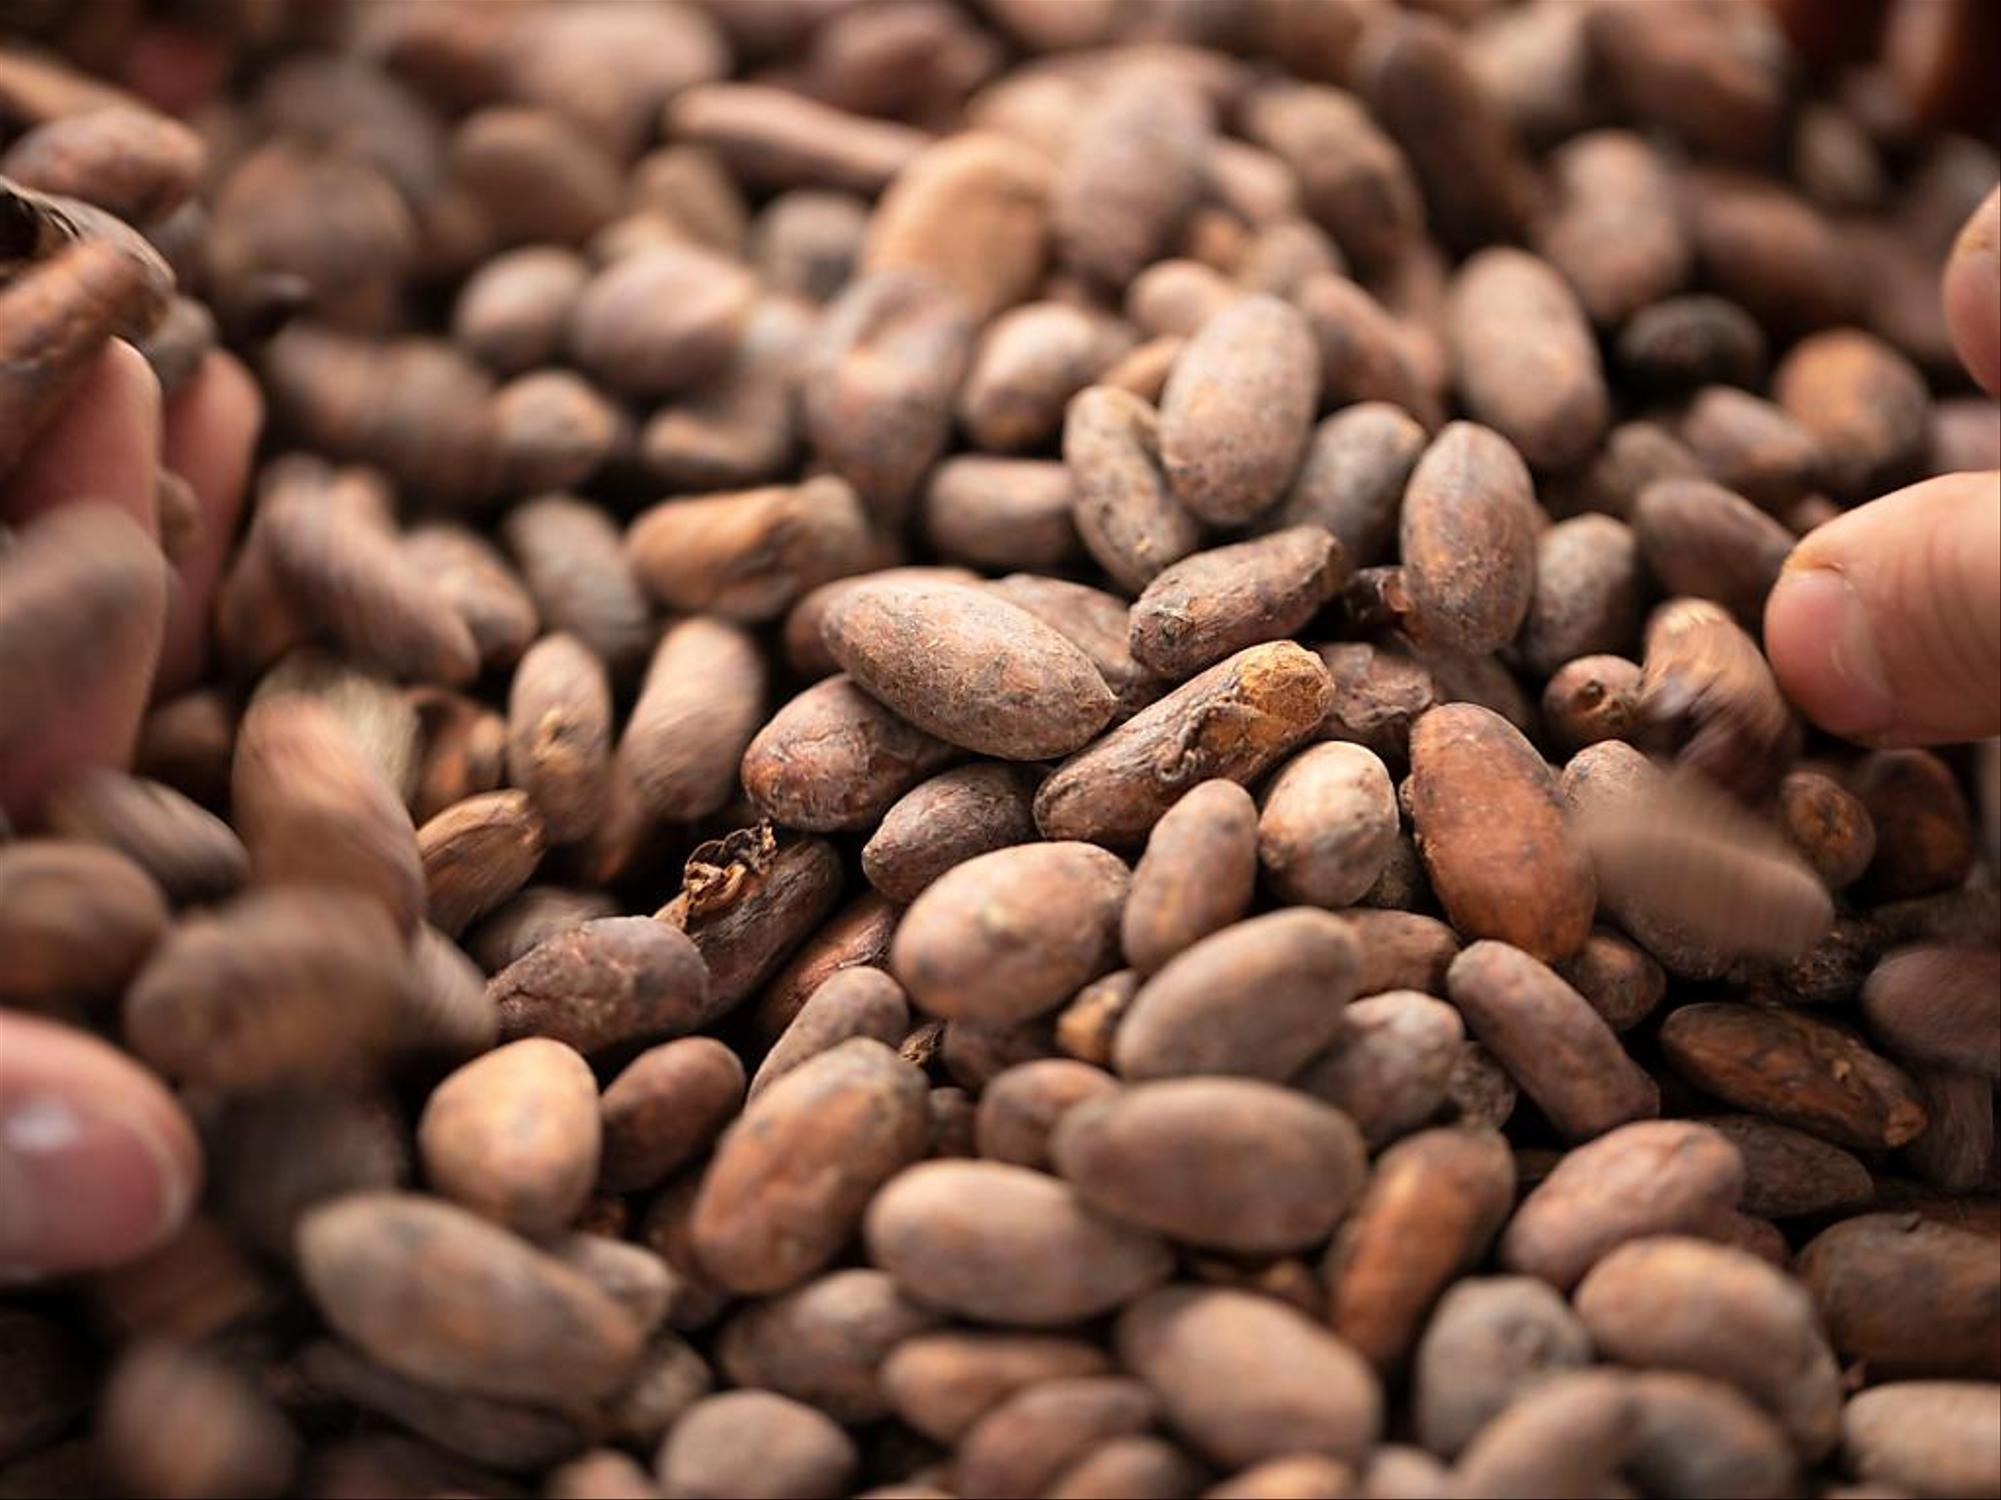 Le Conseil Café Cacao (CCC) de Côte d'Ivoire lève les sanctions contre le groupe chocolatier Hersey